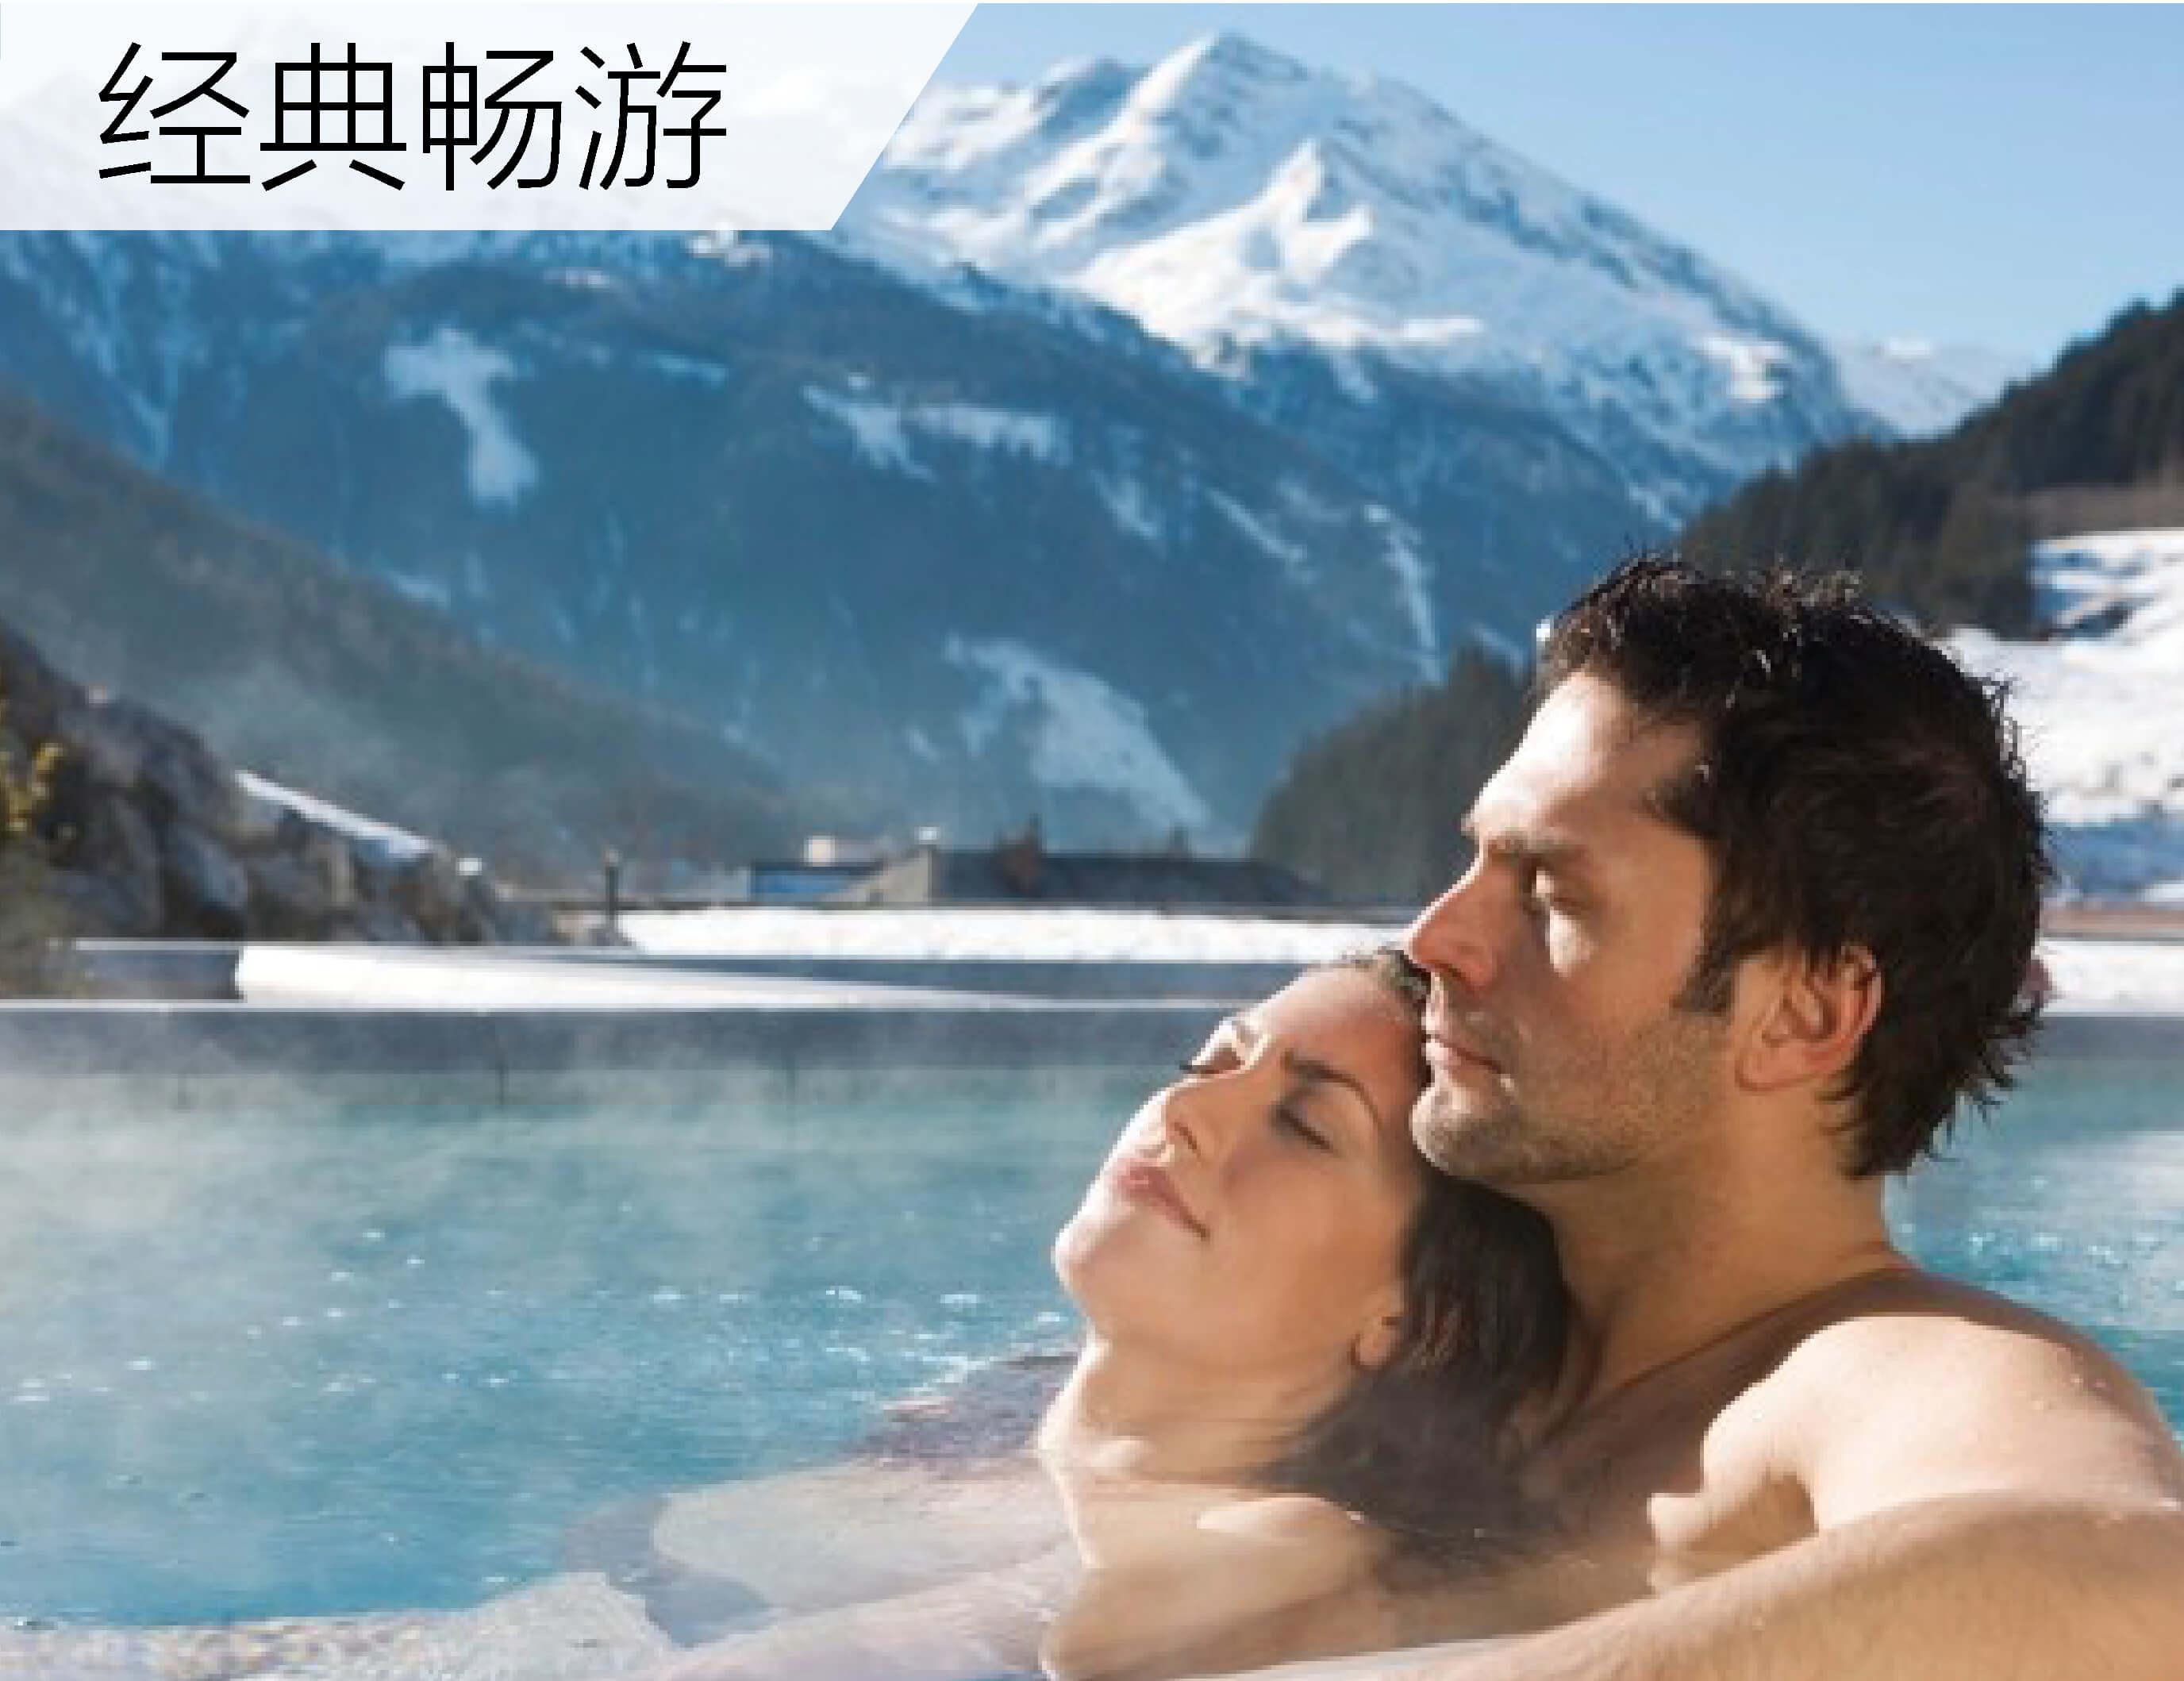 温泉滑雪,醉美冬日游